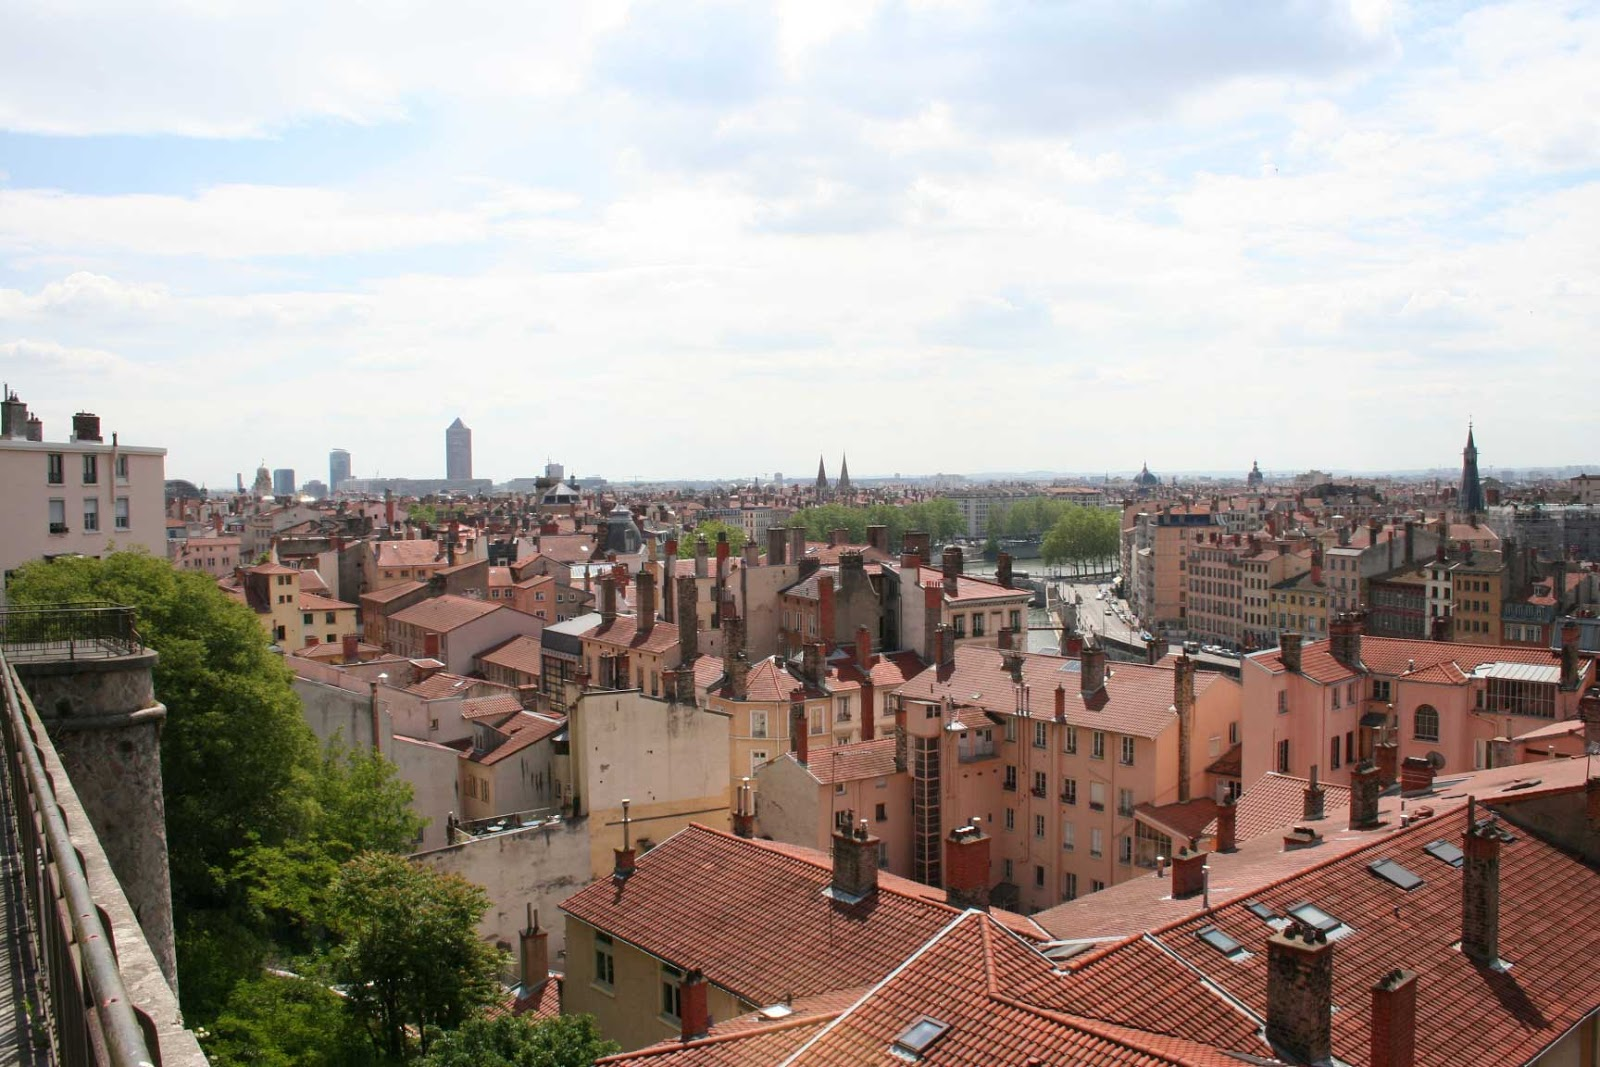 place Rouville vue panoramique - visite guidée de Lyon - Nicolas Bruno Jacquet